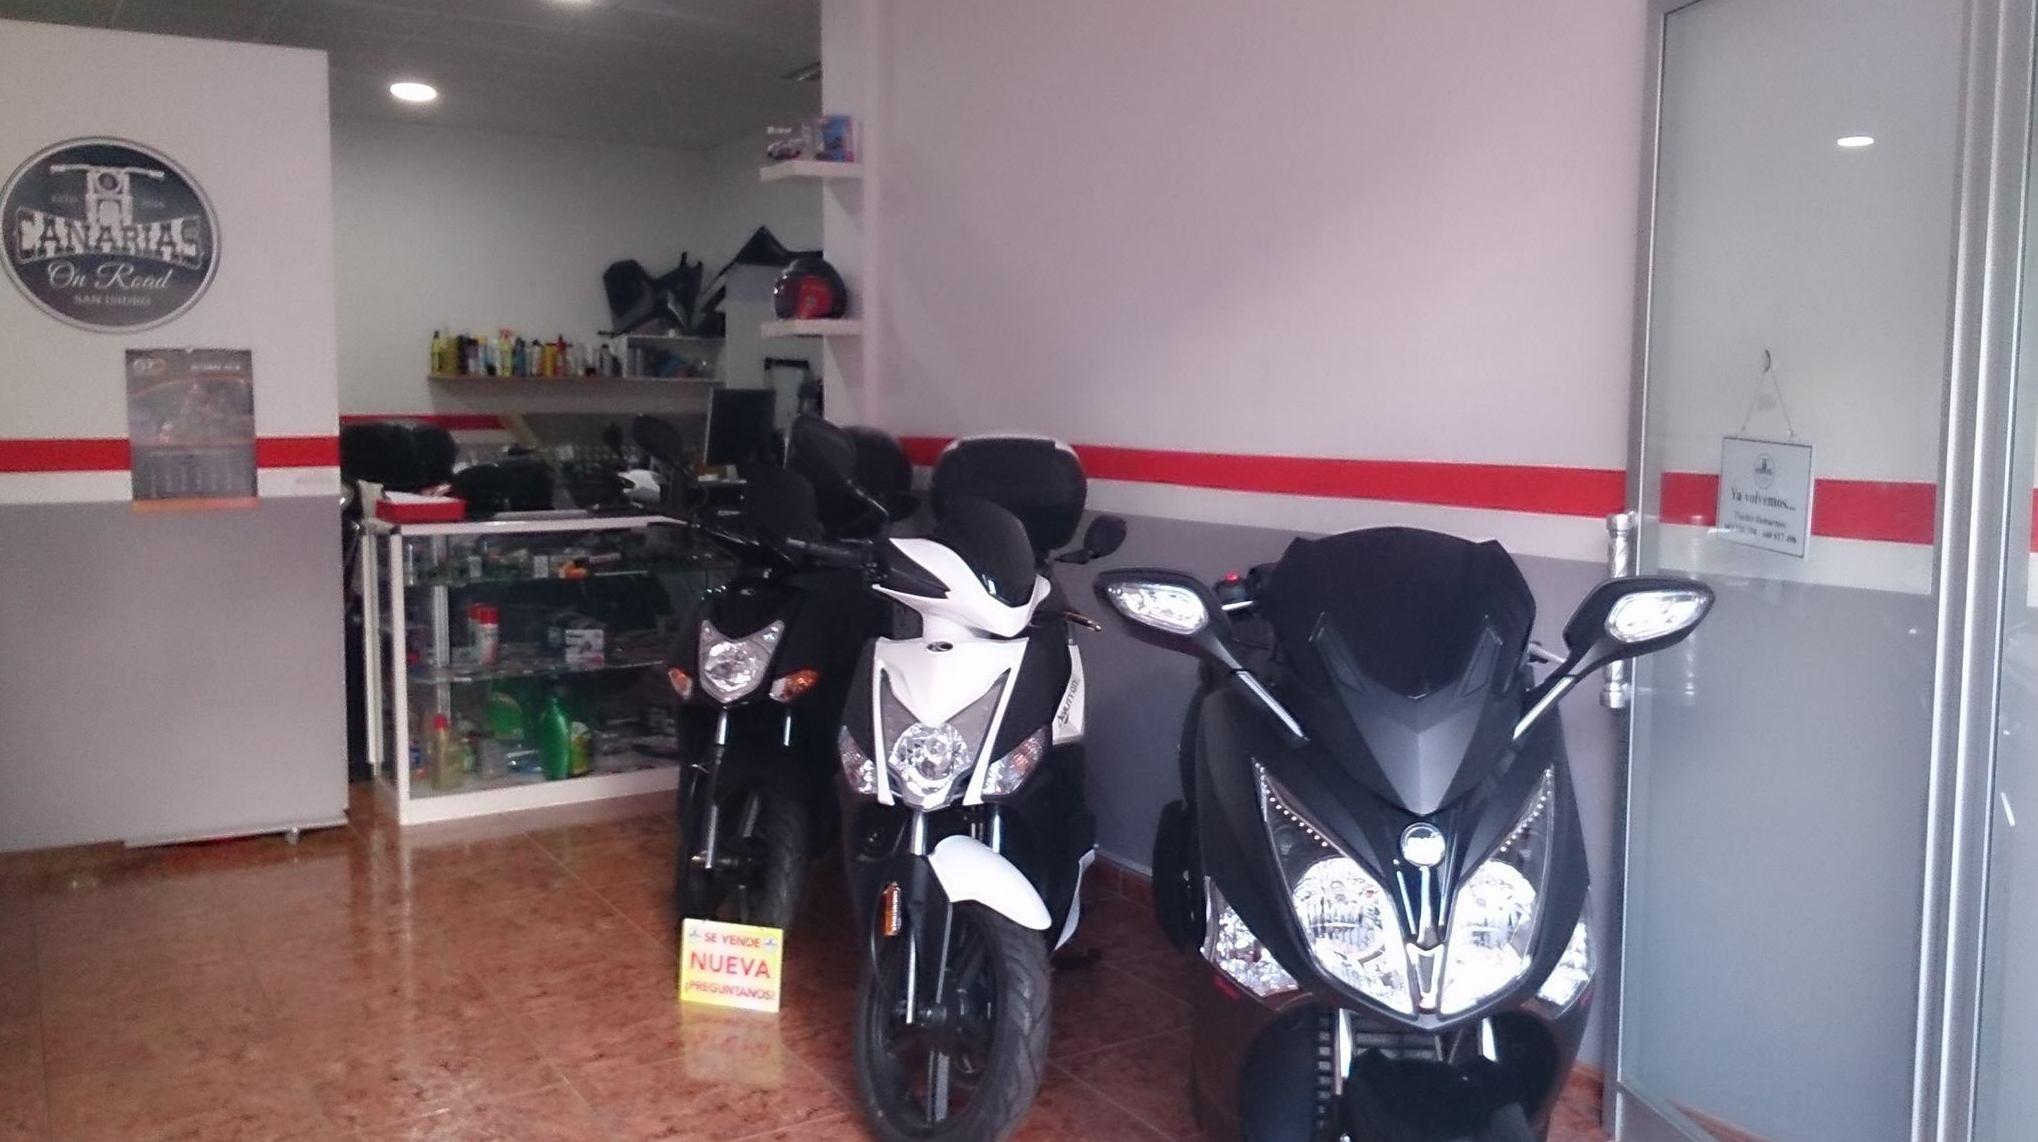 Venta de motos nuevas en San Isidro, Tenerife